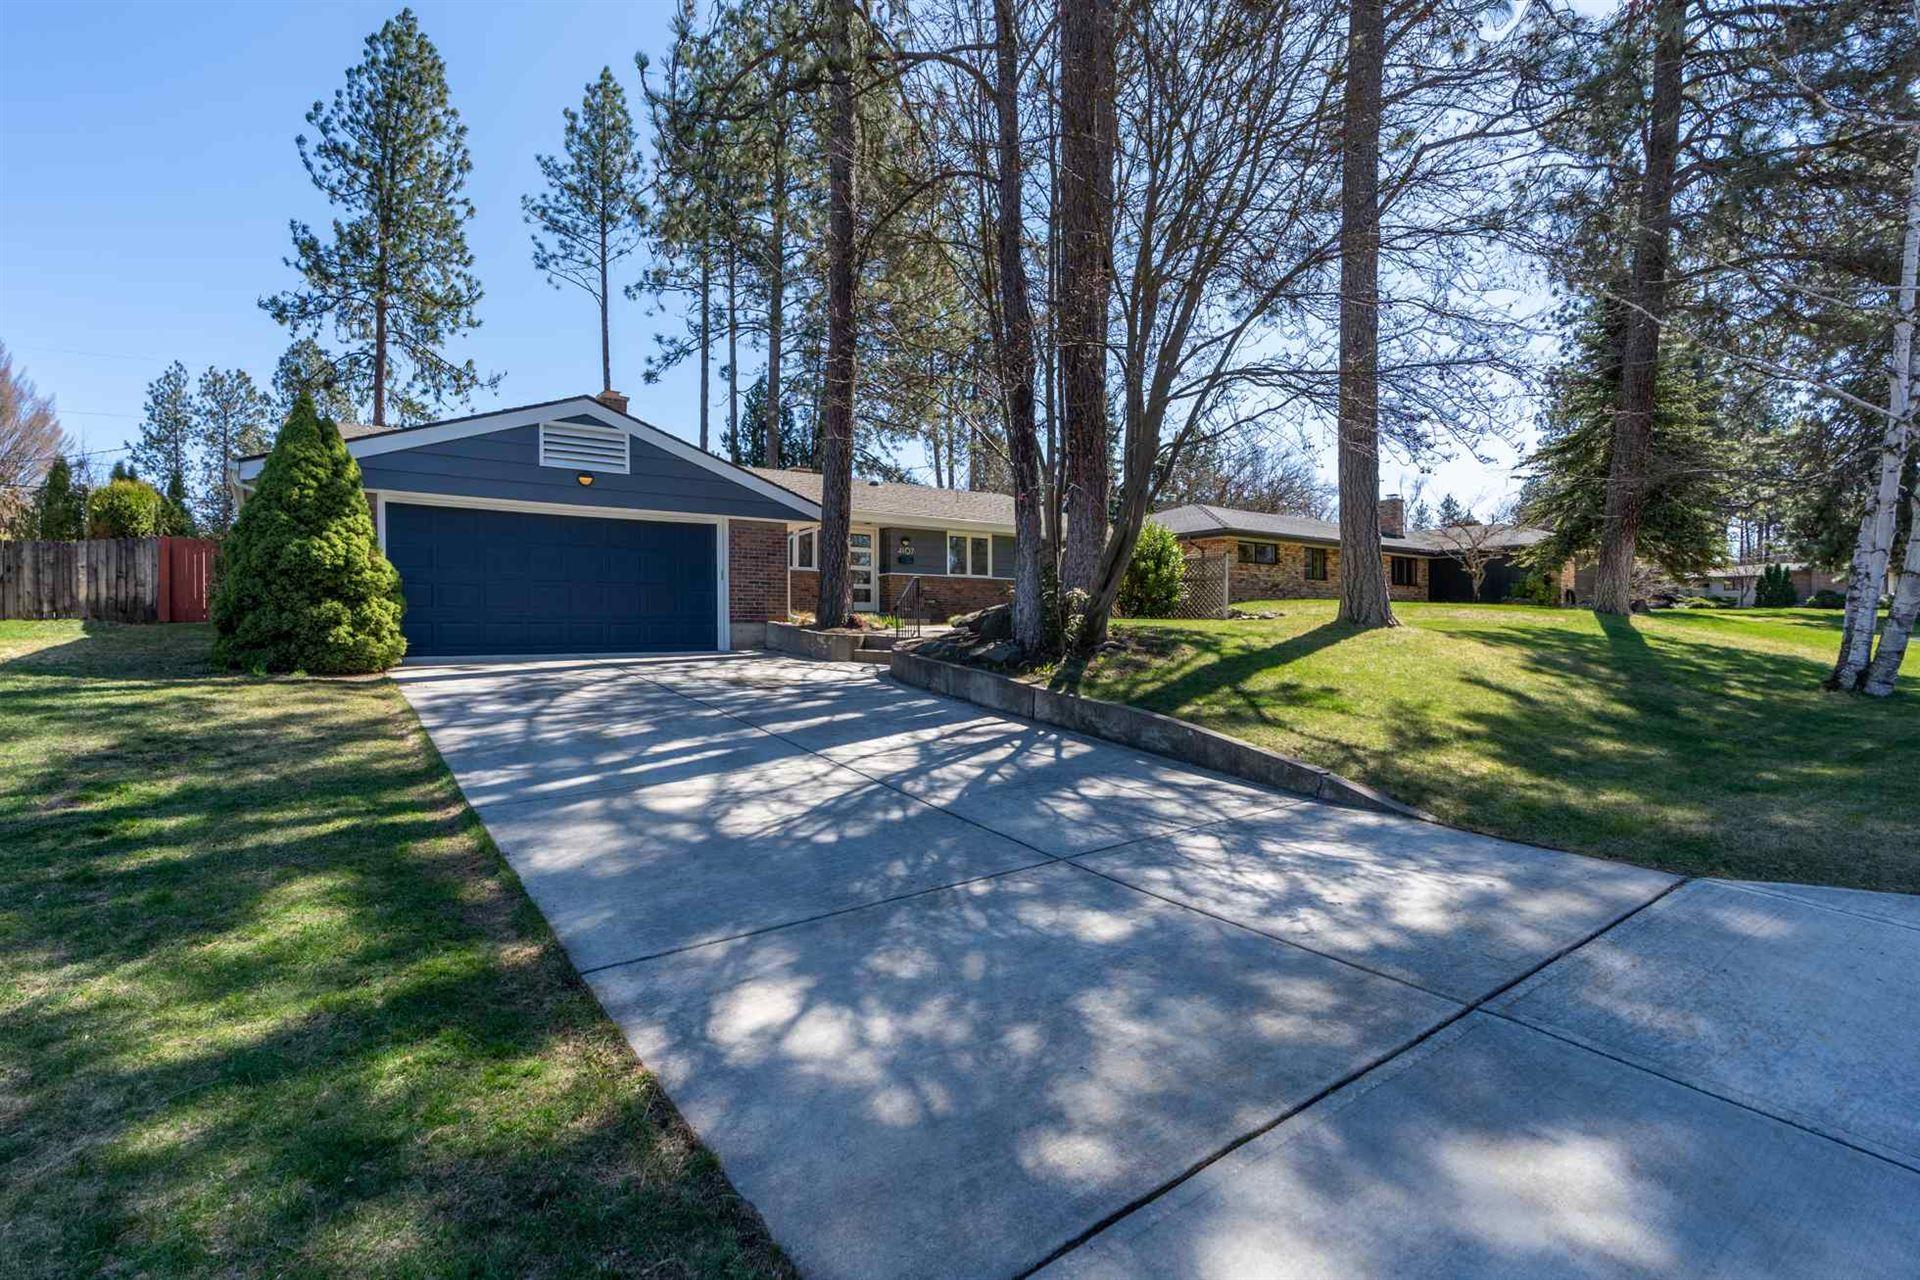 4107 S Helena St, Spokane, WA 99203 - #: 202114029